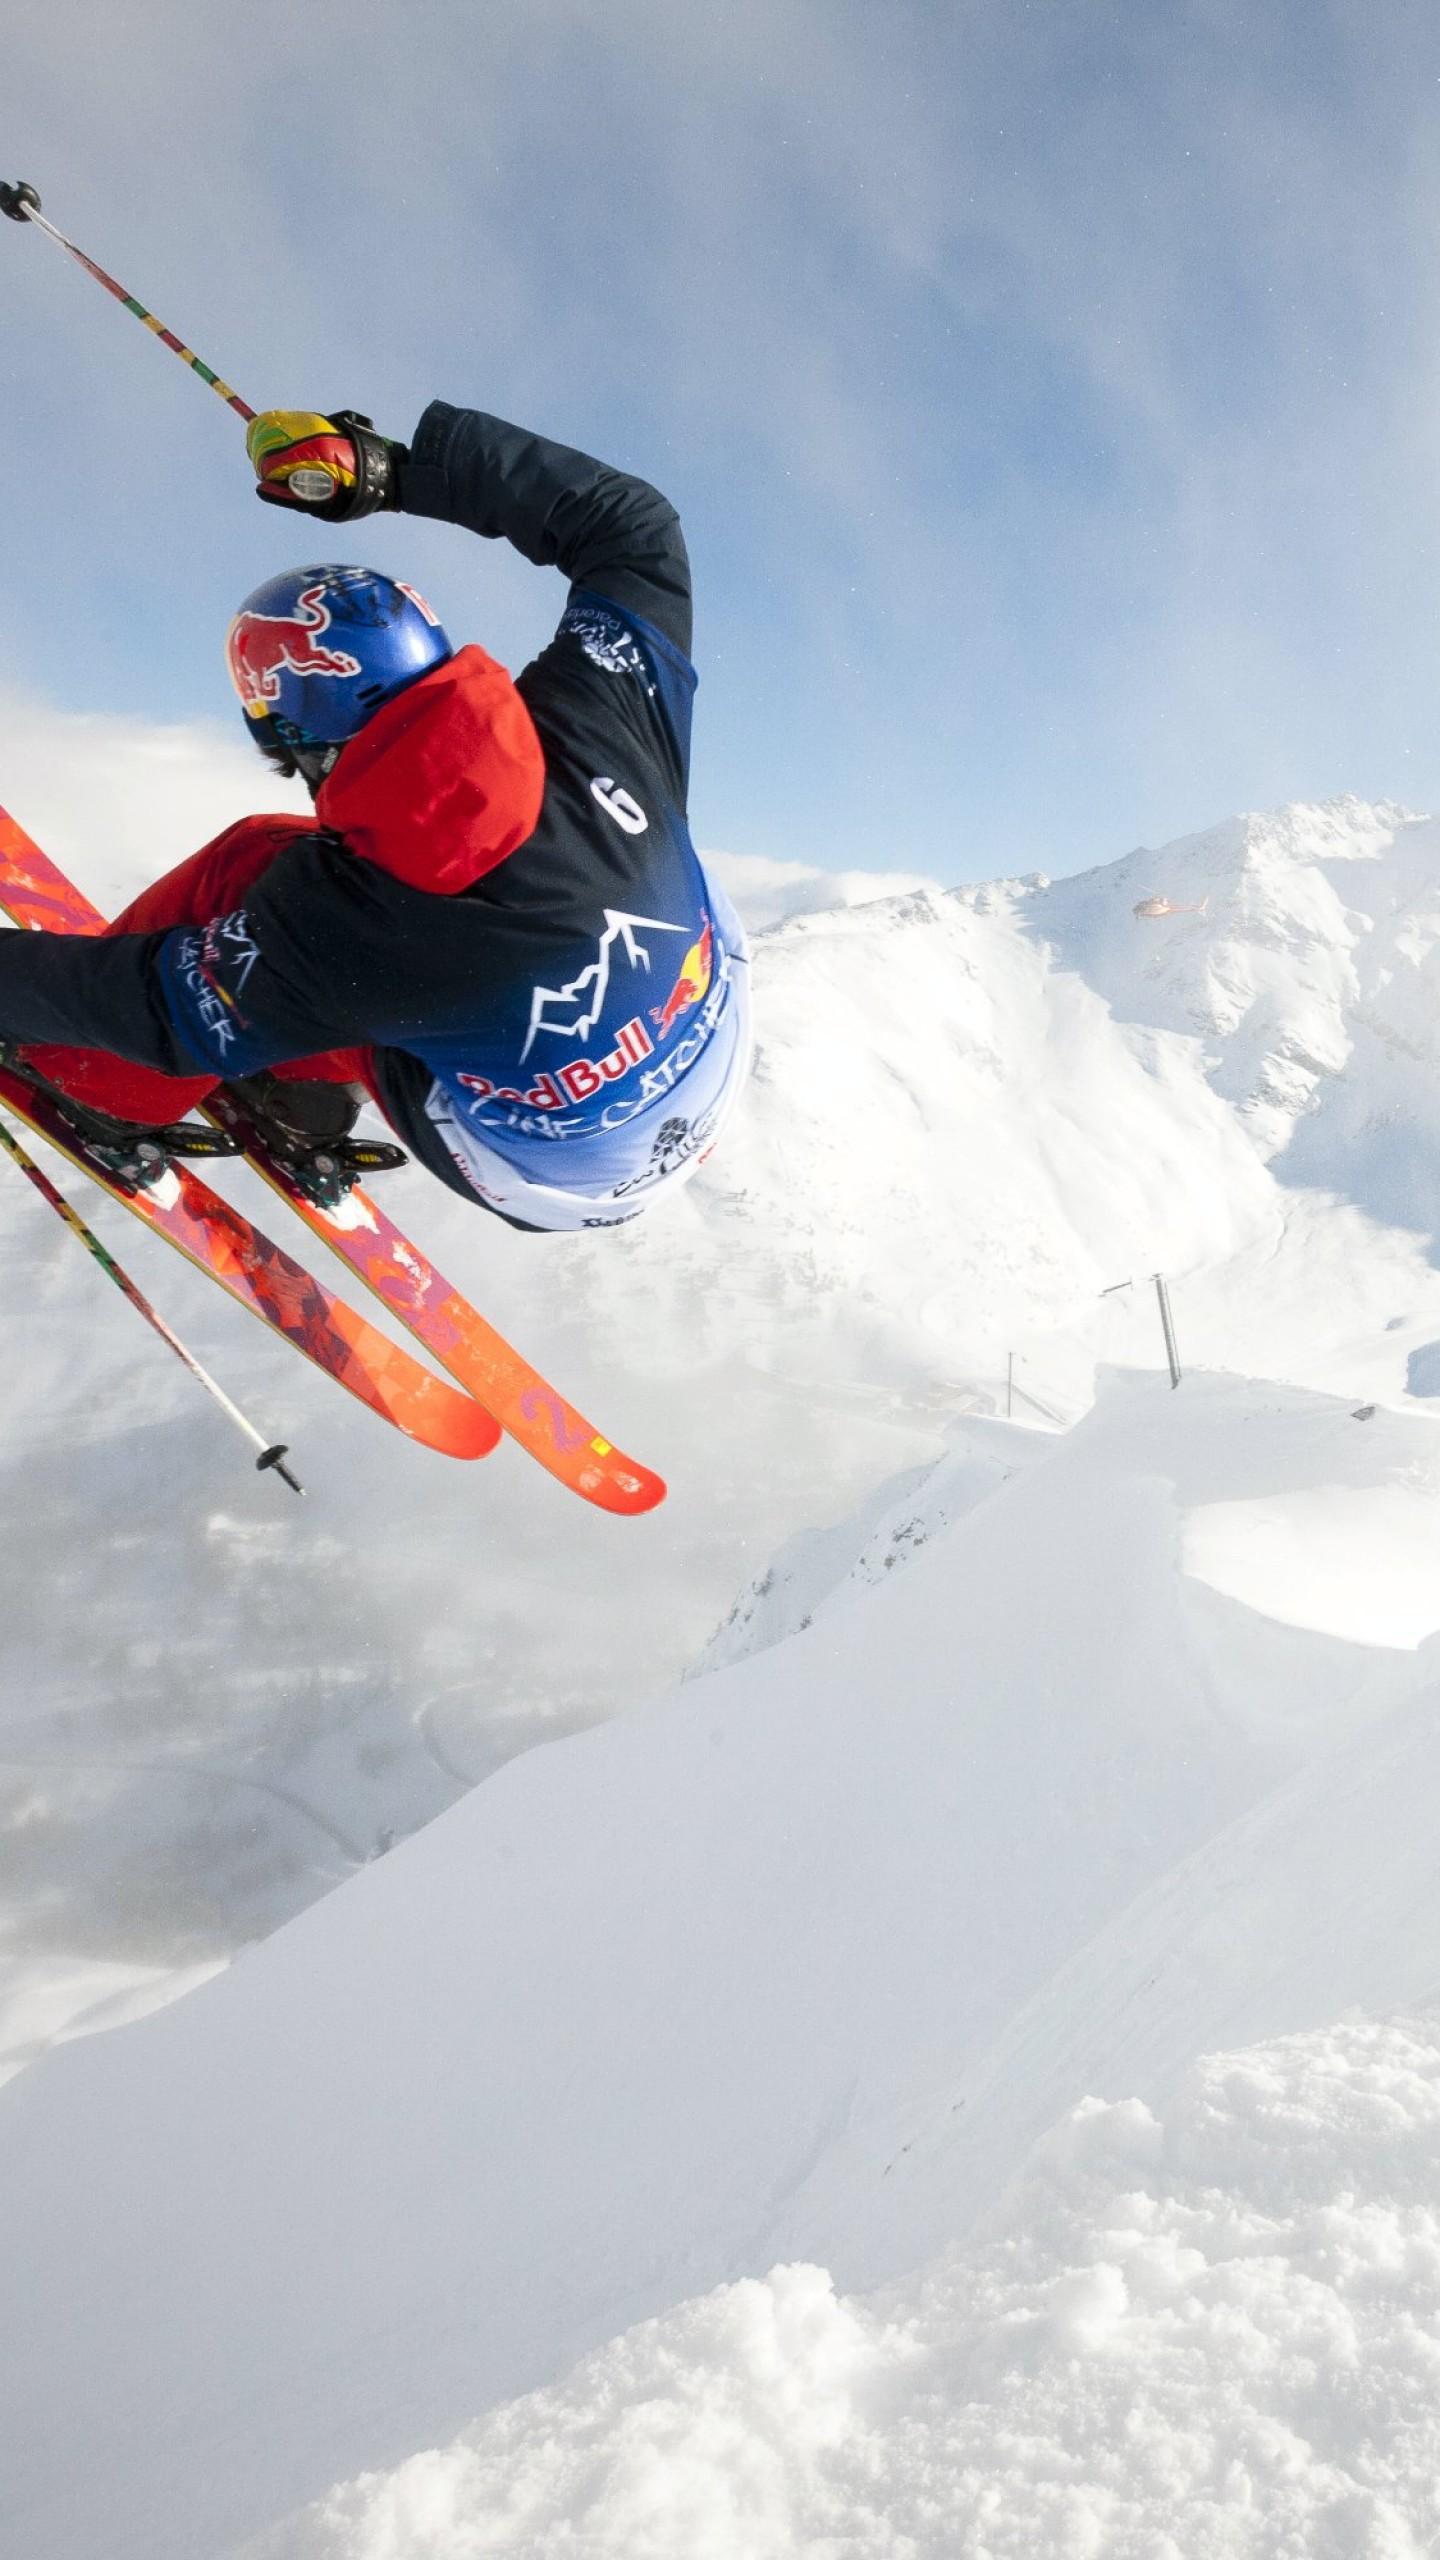 عکس زمینه اسکی در کوهستان پر از برف پس زمینه